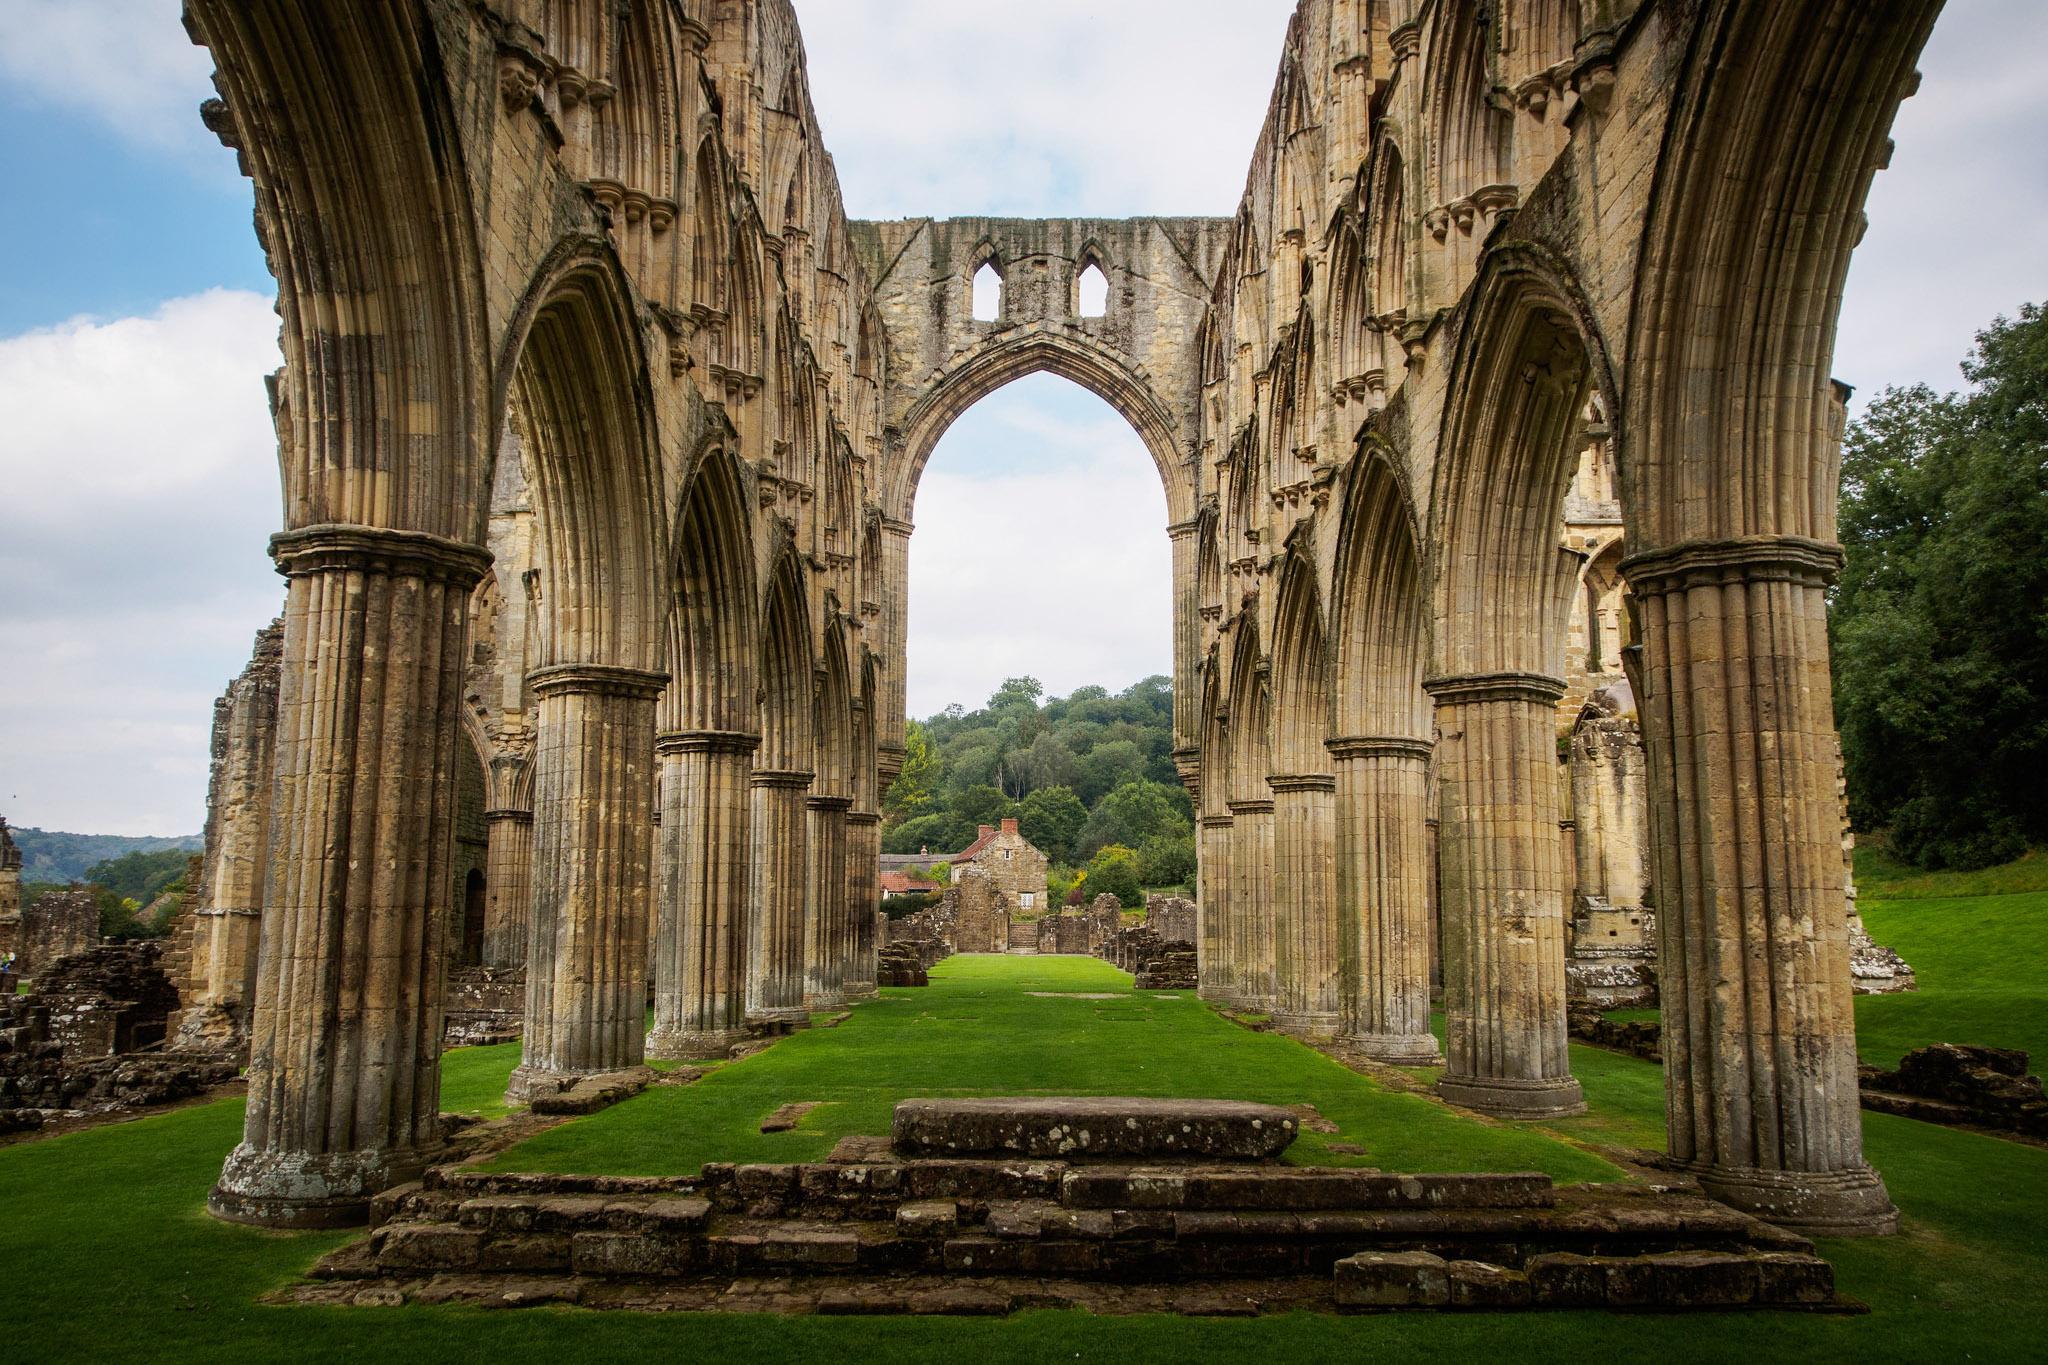 Hoy día, un museo se levanta en la abadía, dirigido por English Heritage, una sociedad que se encarga de la preservación de más de 400 lugares históricos en toda Inglaterra